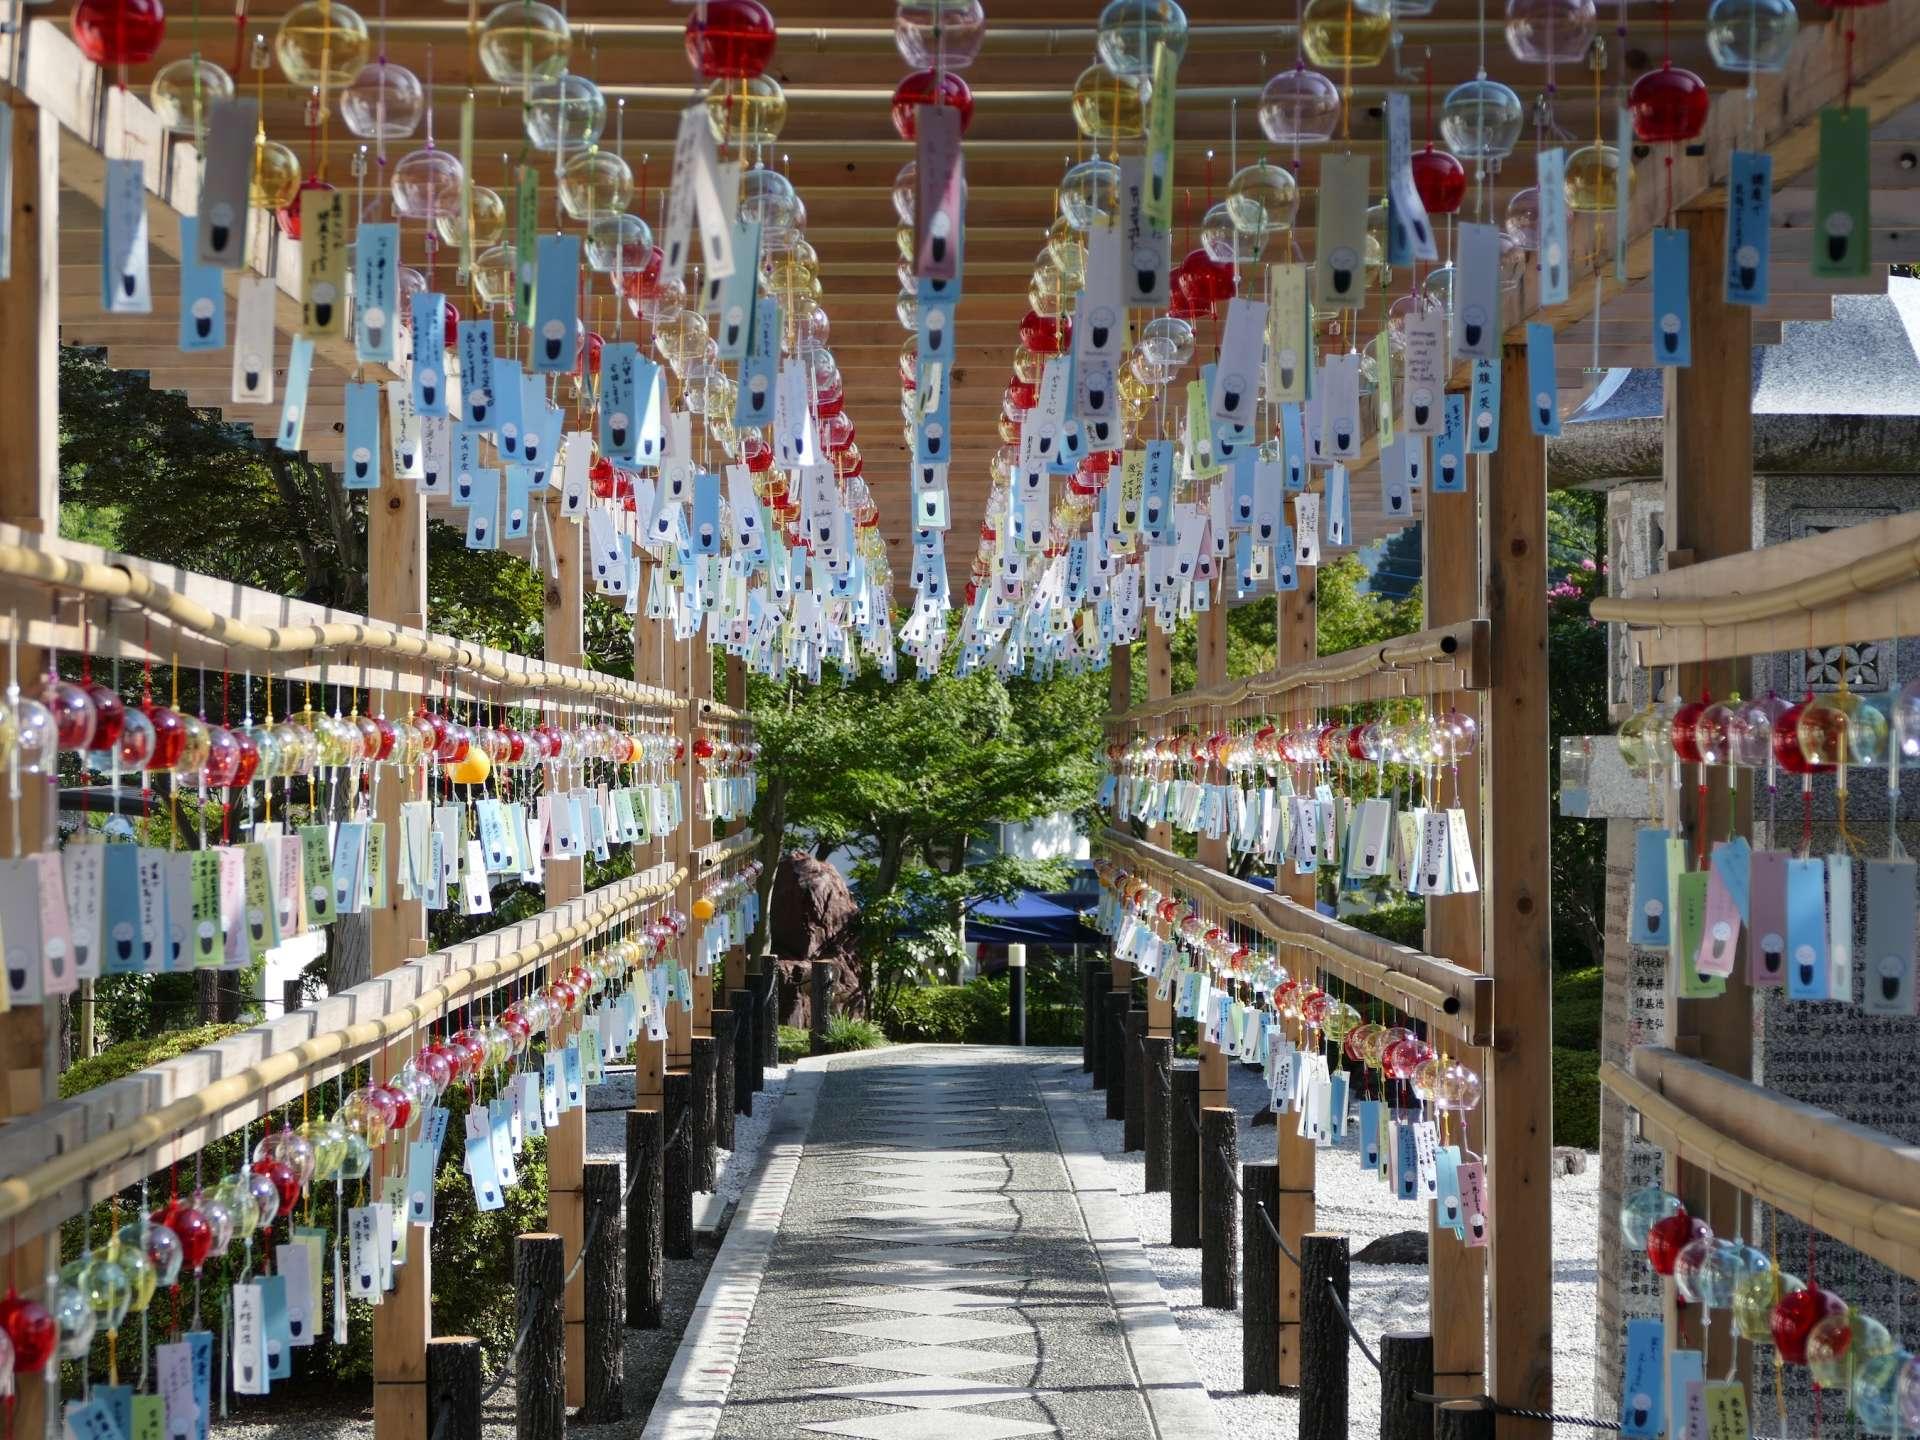 夏日的风铃祭。参道两侧挂满了写有人们愿望的风铃